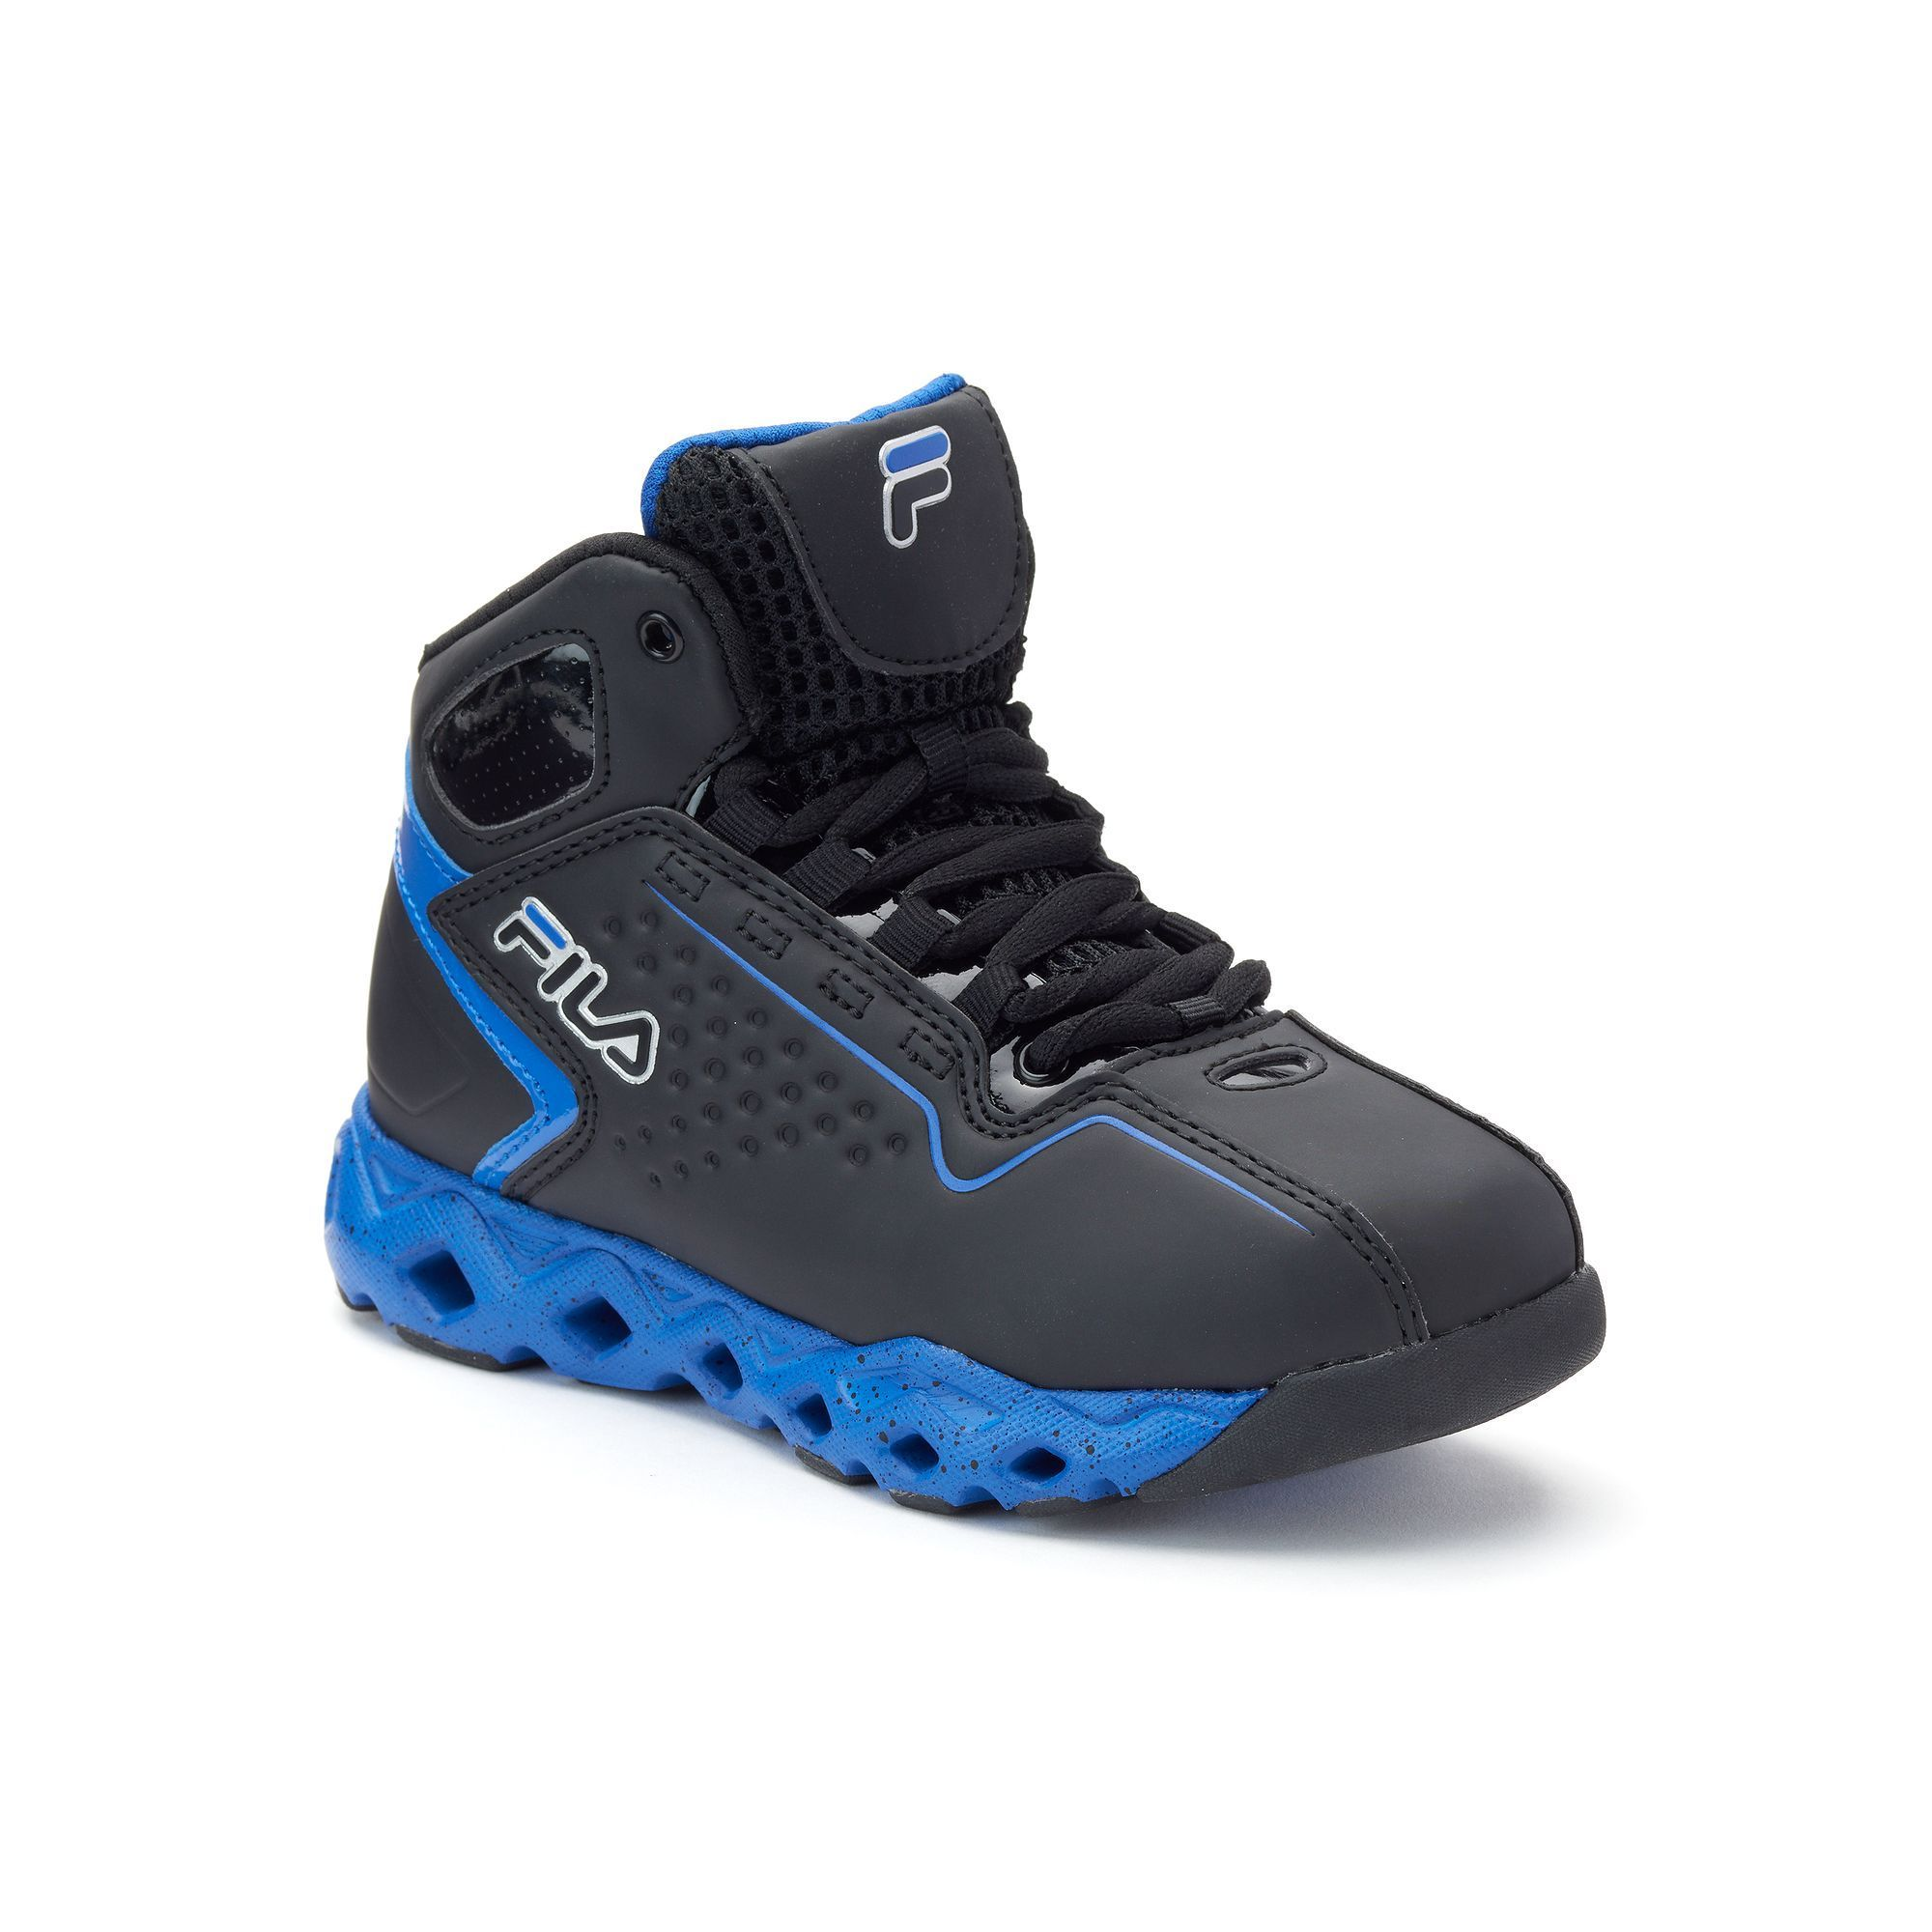 ba1ba819d249 FILA Big Bang 3 Ventilate Boys  Basketball Shoes